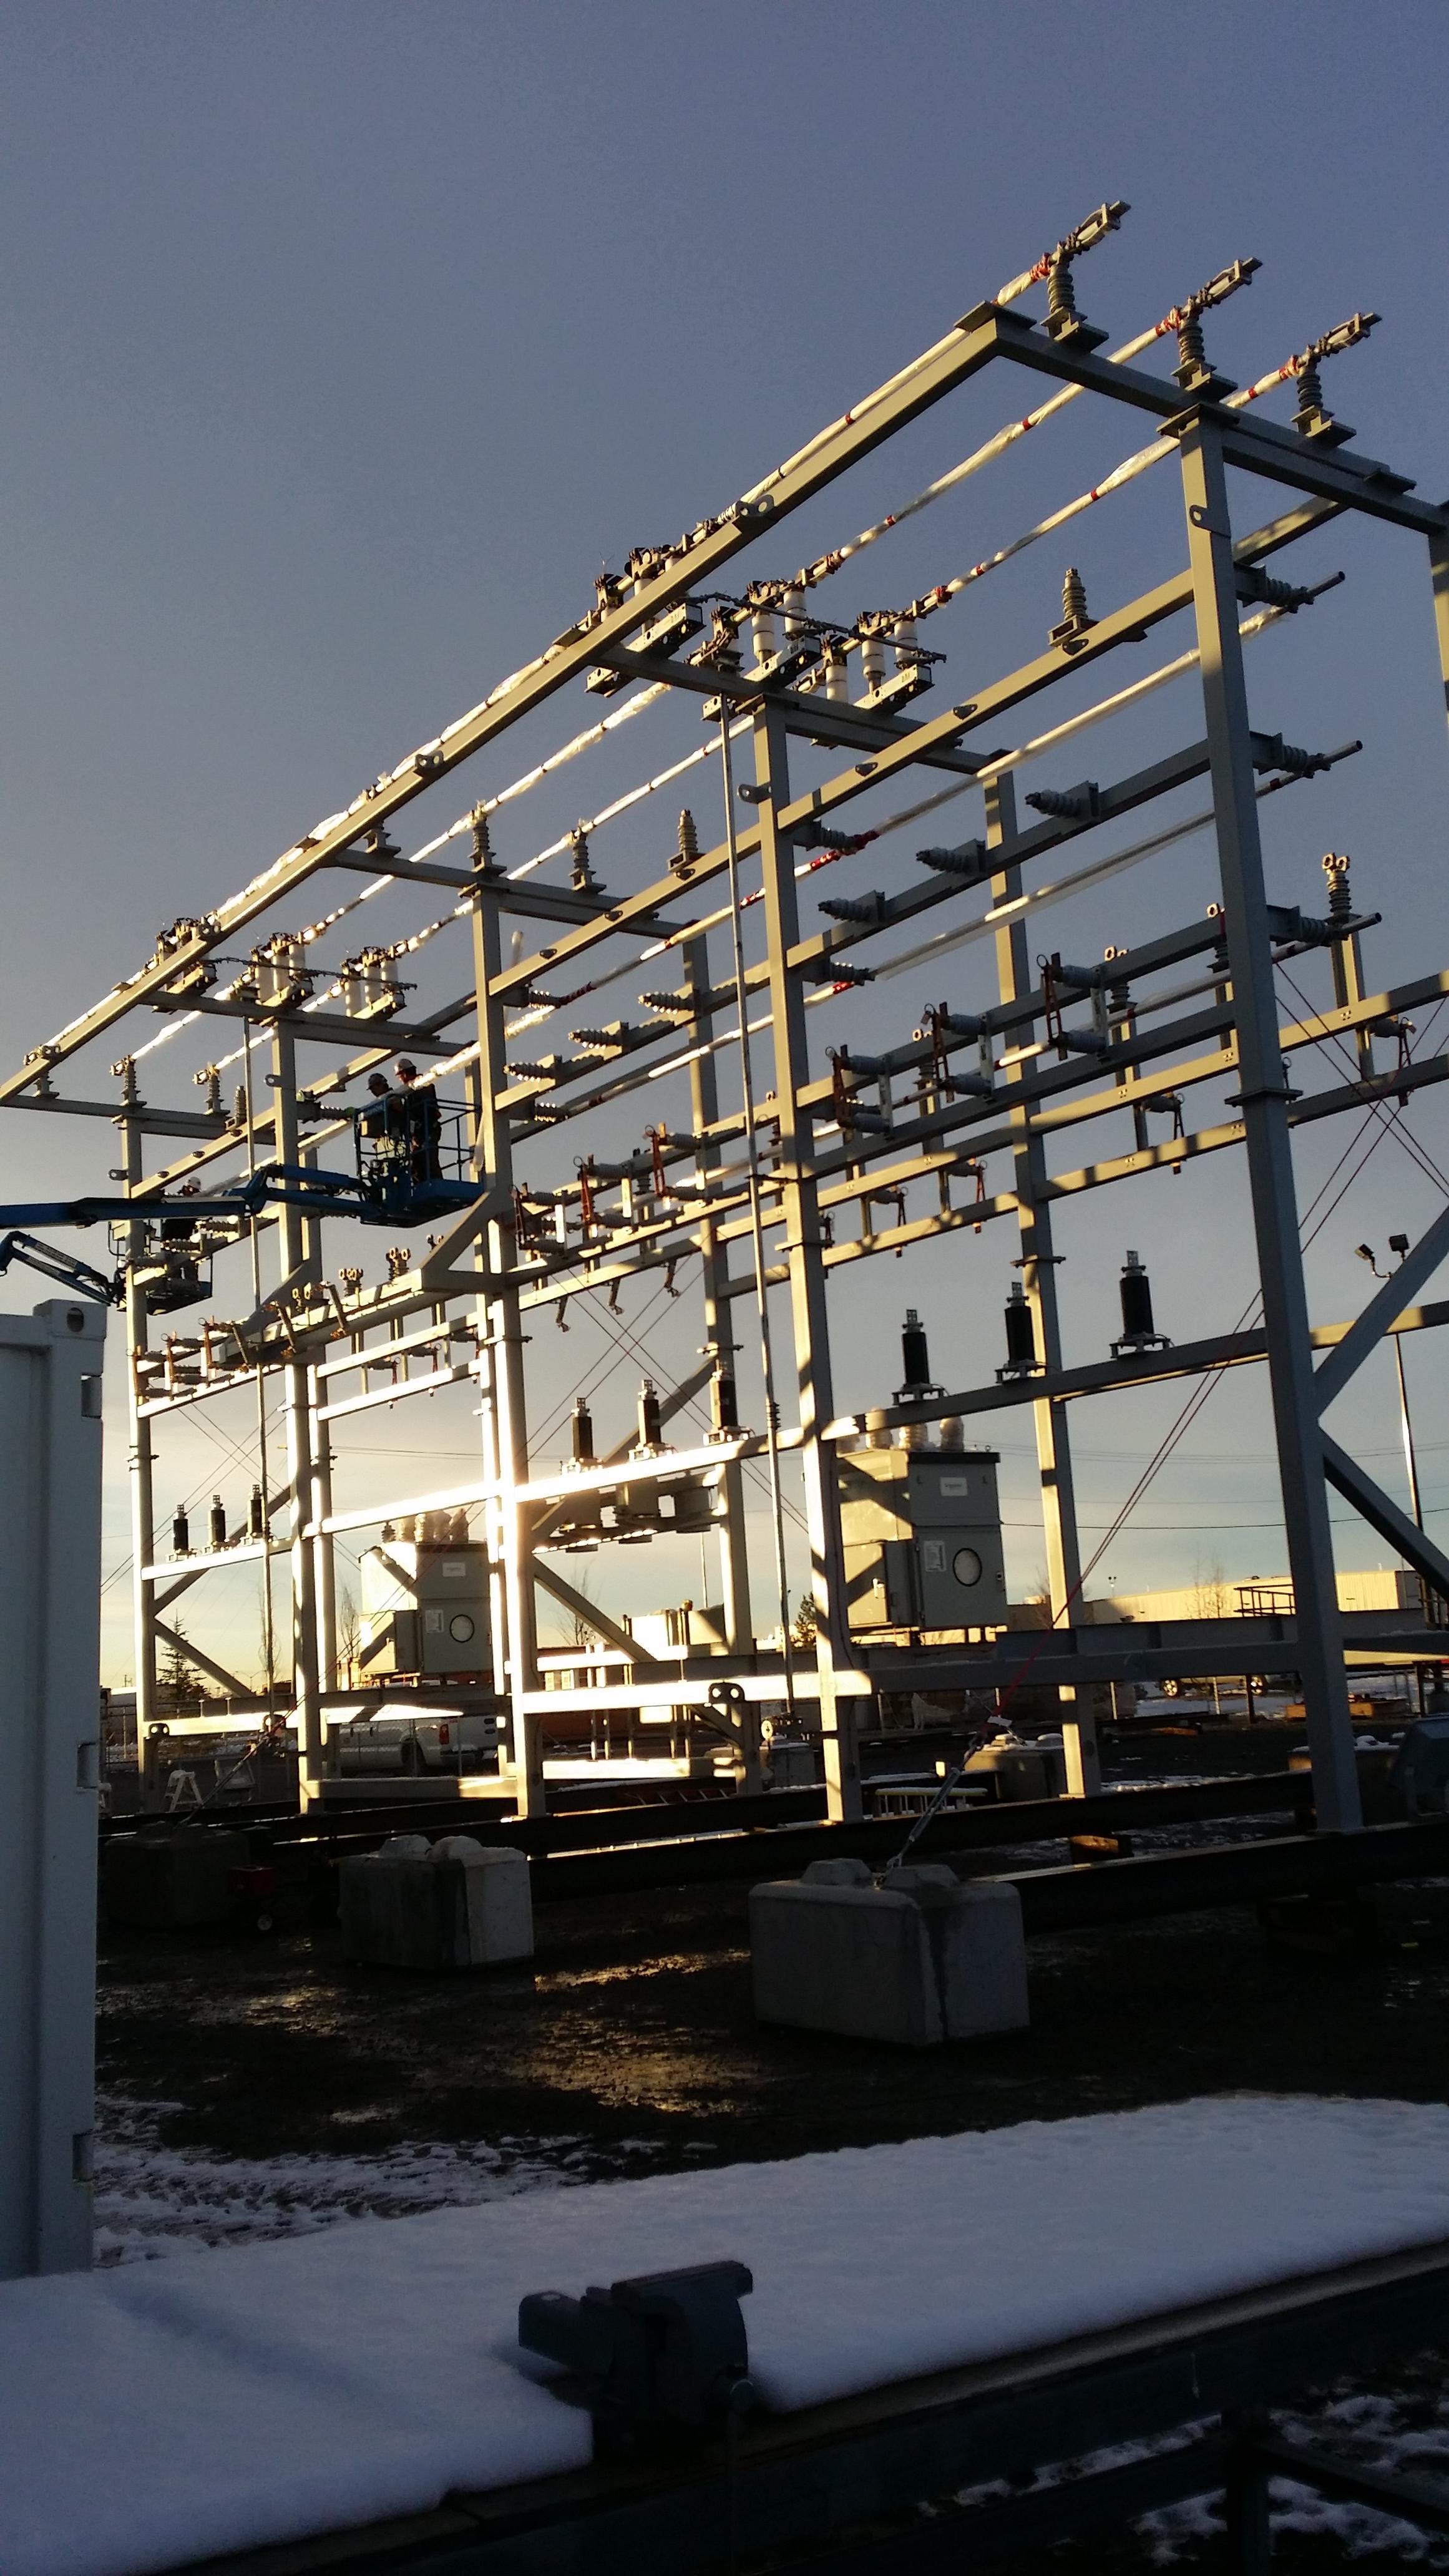 IRON AERO | POWER STATION